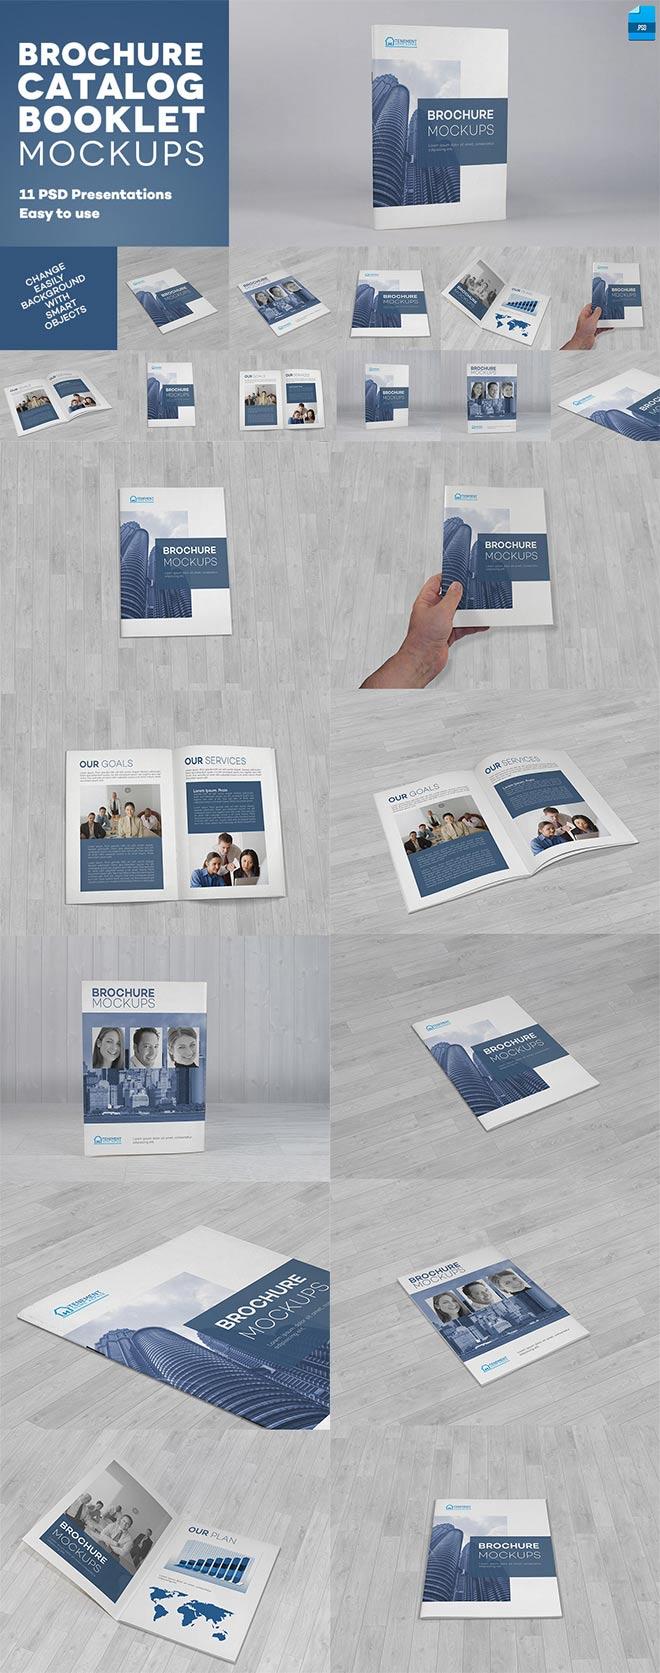 Brochure / Catalog / Booklet Mockups